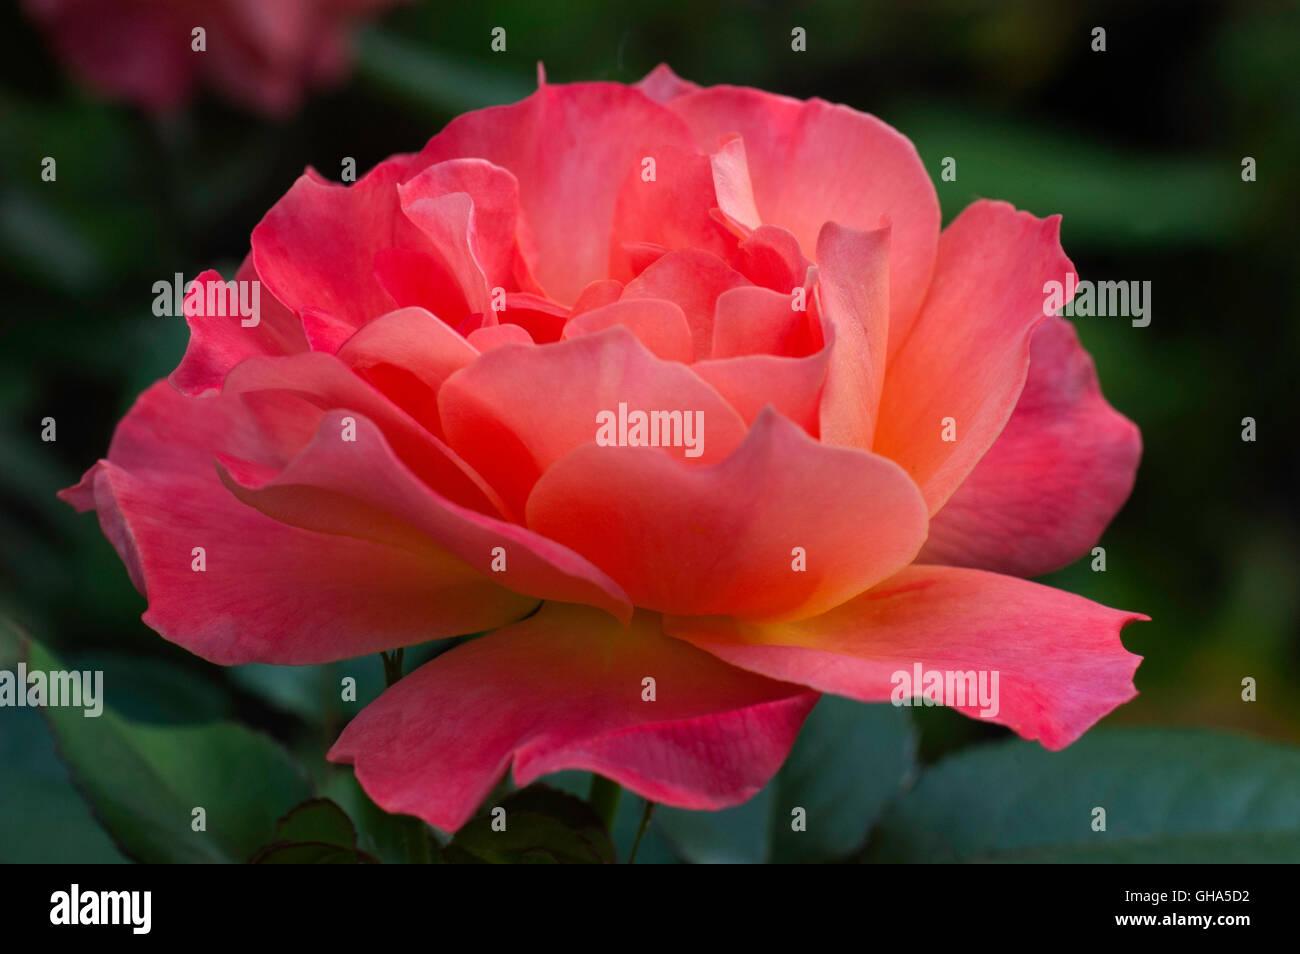 Rose, Rosa, Living Easy, Livinu0027 Easy,   Stock Image